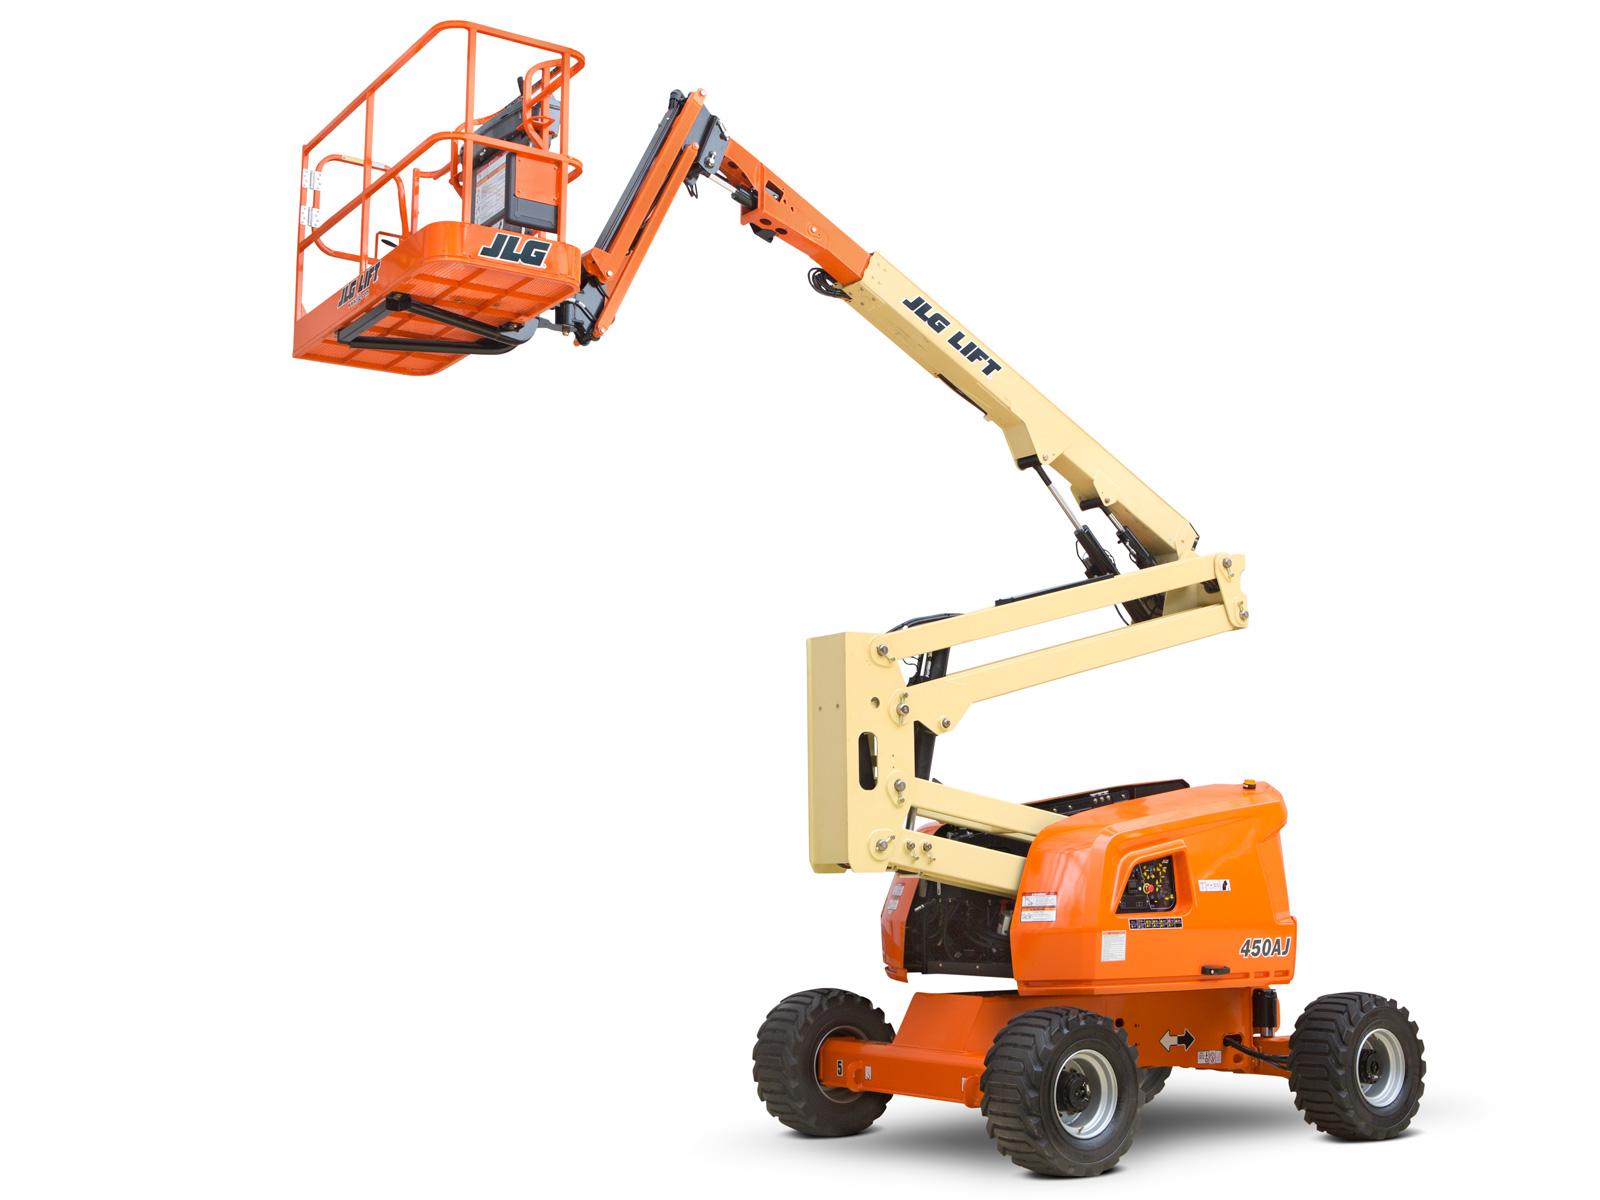 450aj articulating boom lift jlg rh jlg com JLG 450AJ Pinch Bar JLG 450AJ Manual